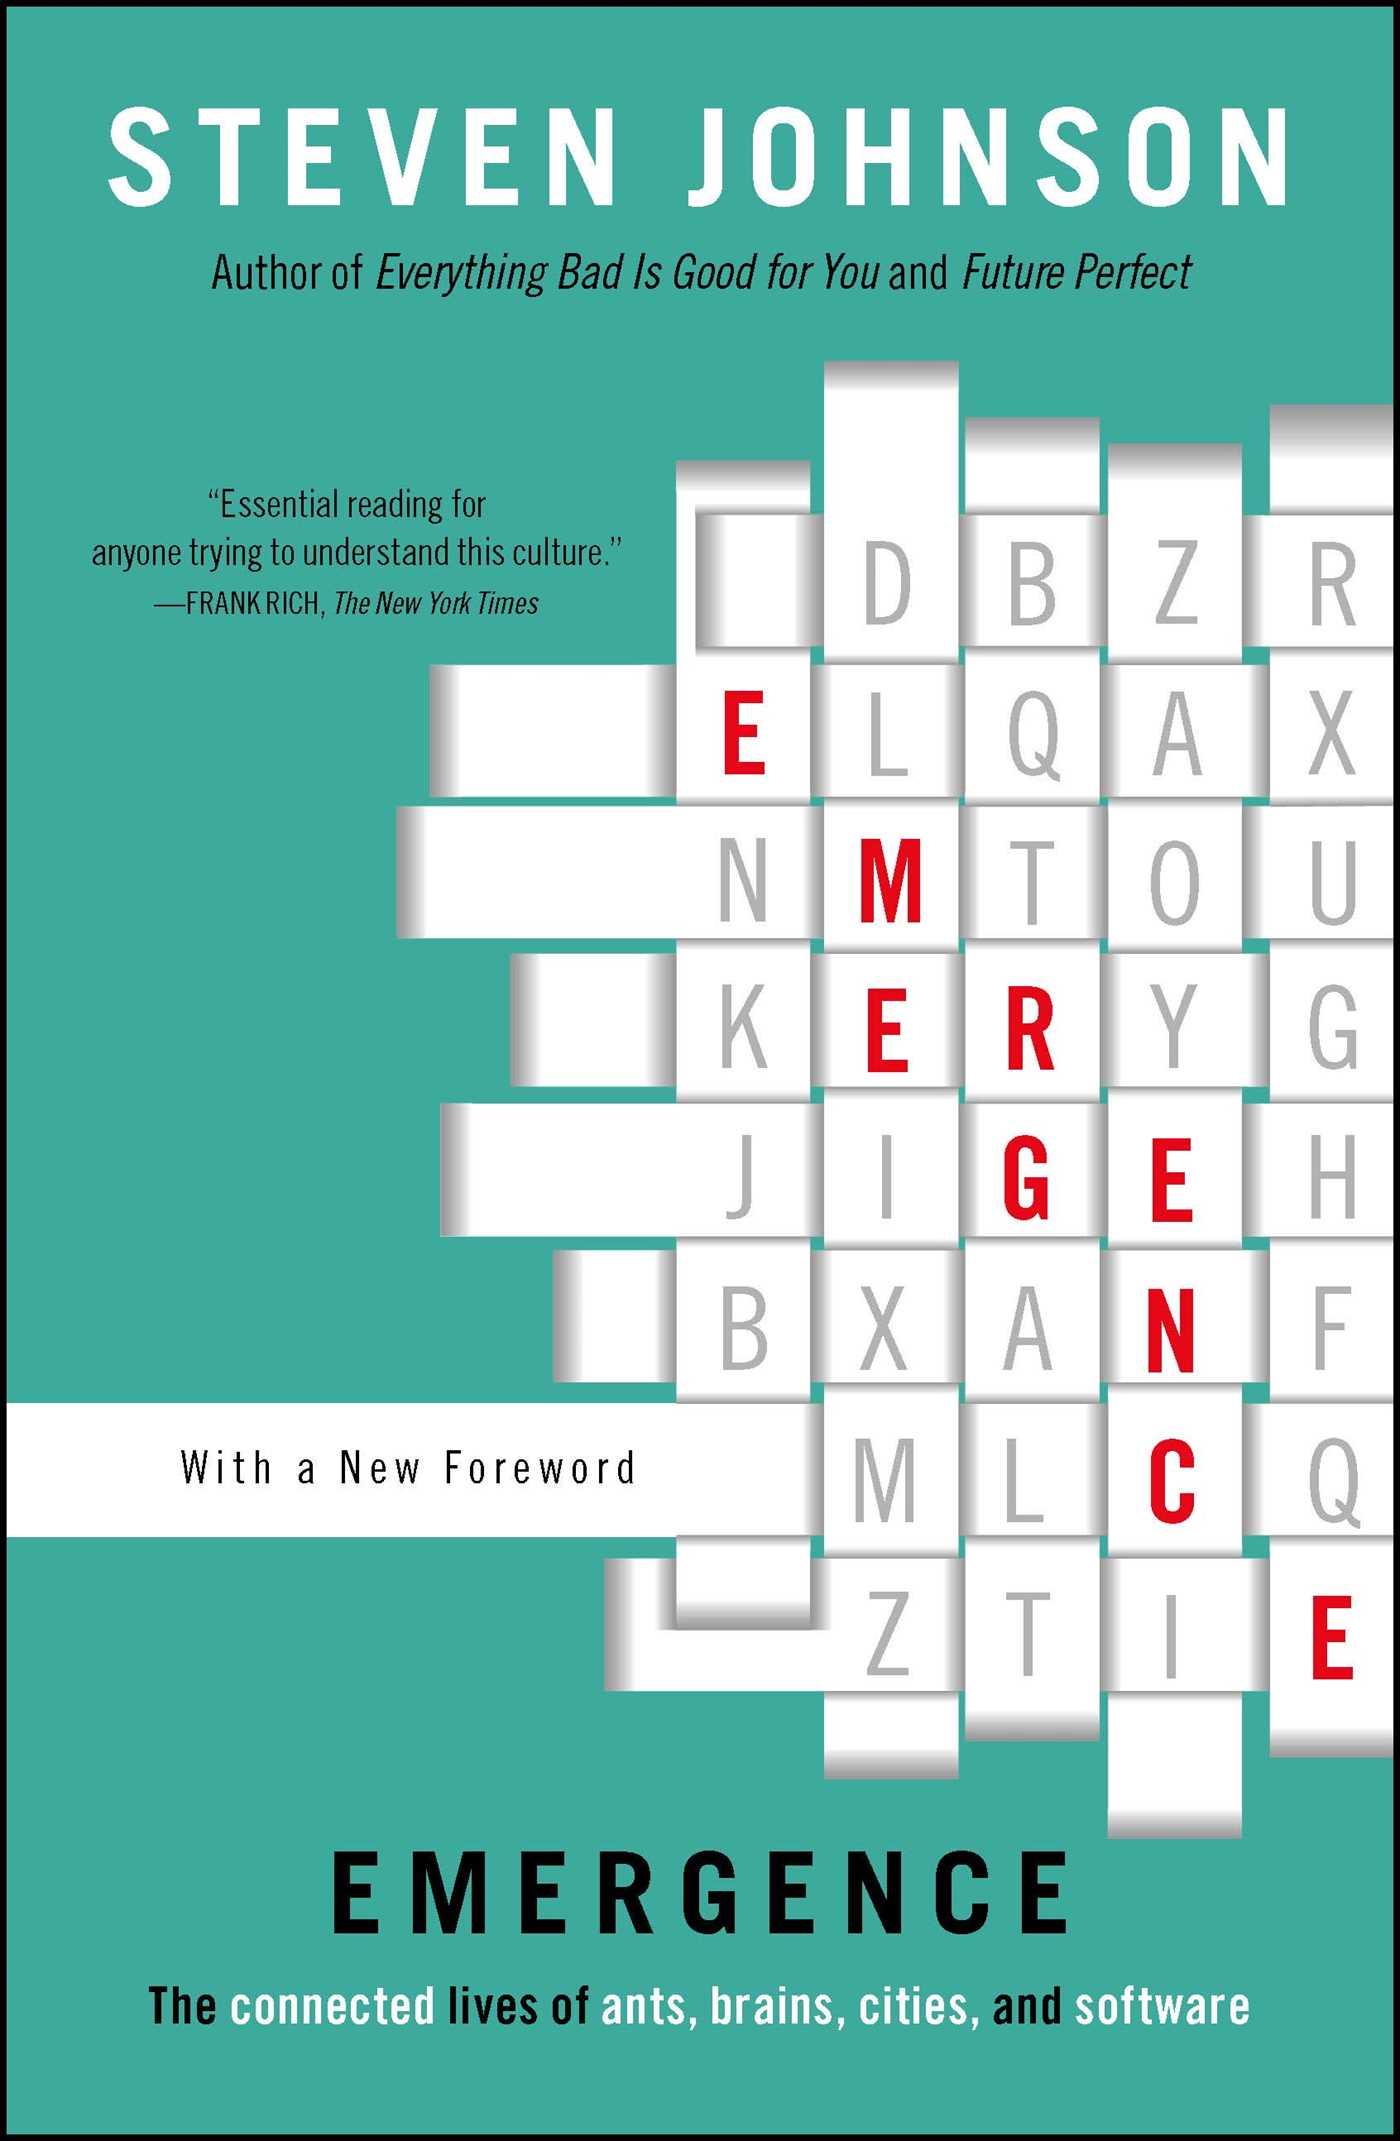 Emergence 9780684868769 hr